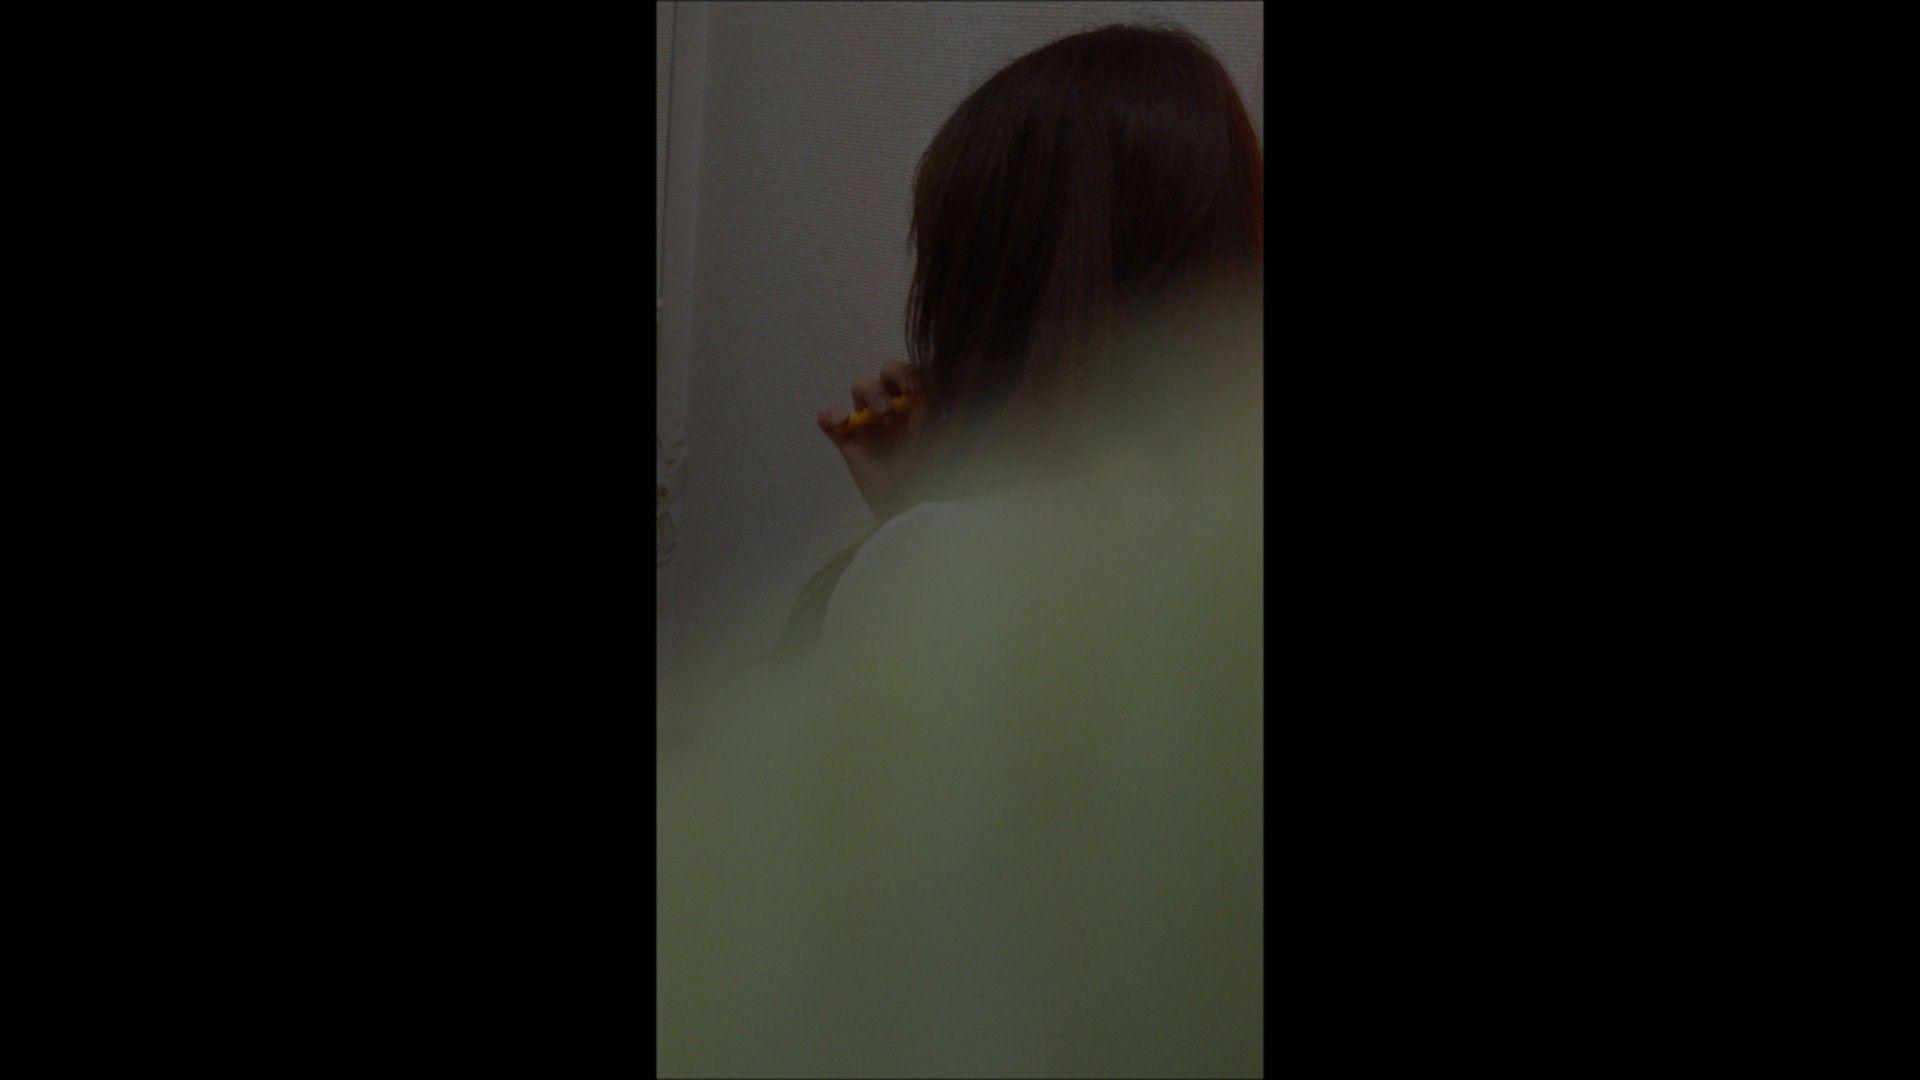 08(8日目)メイク中の彼女の顔を撮りました! いやらしいOL | いやらしい熟女  51連発 29